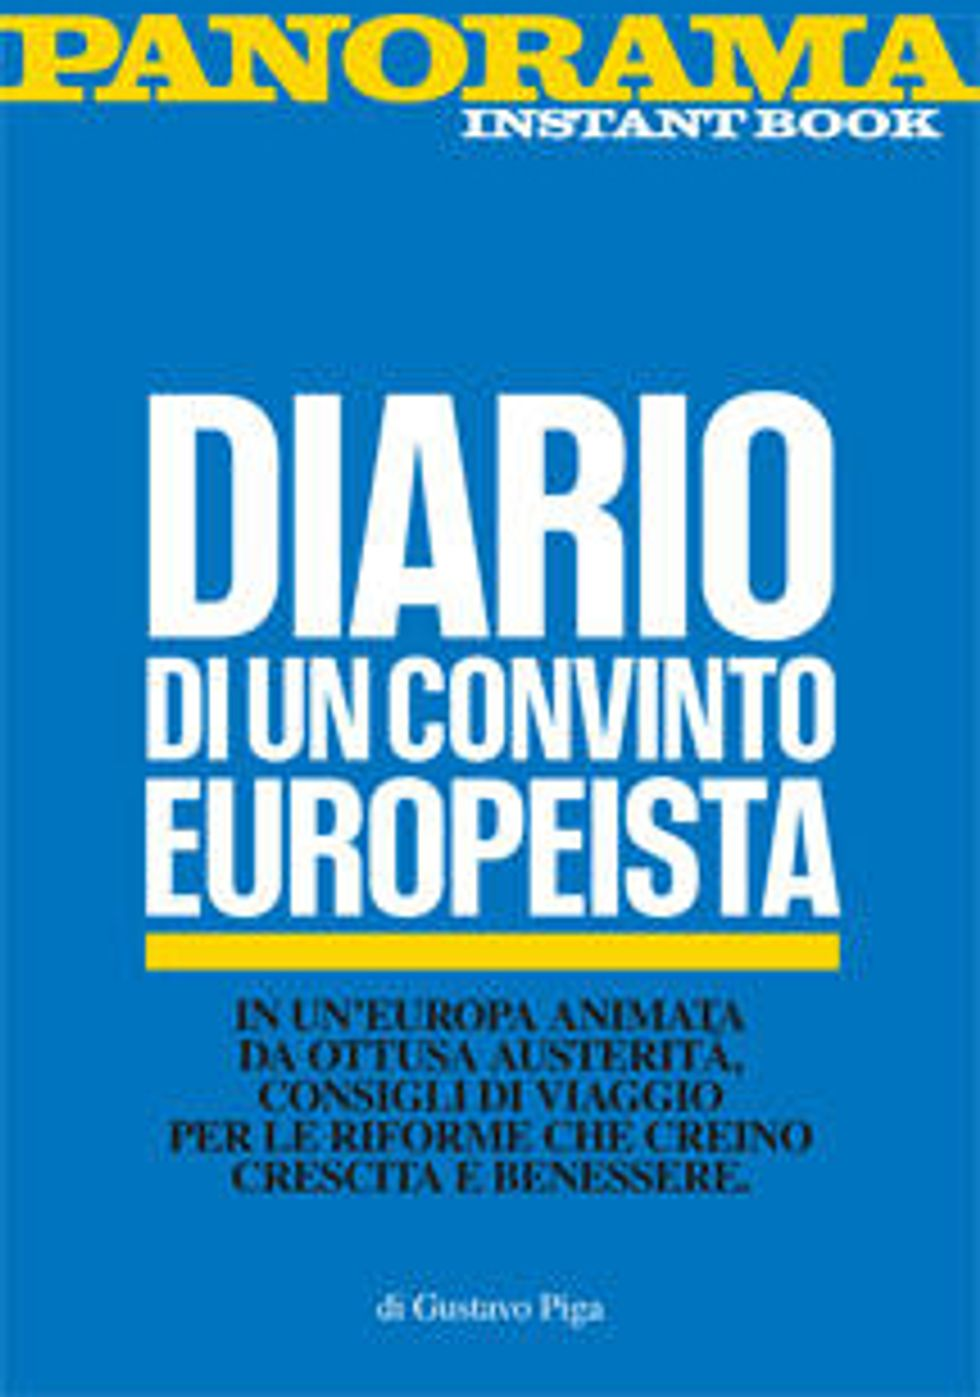 Diario di un convinto europeista - Instant book